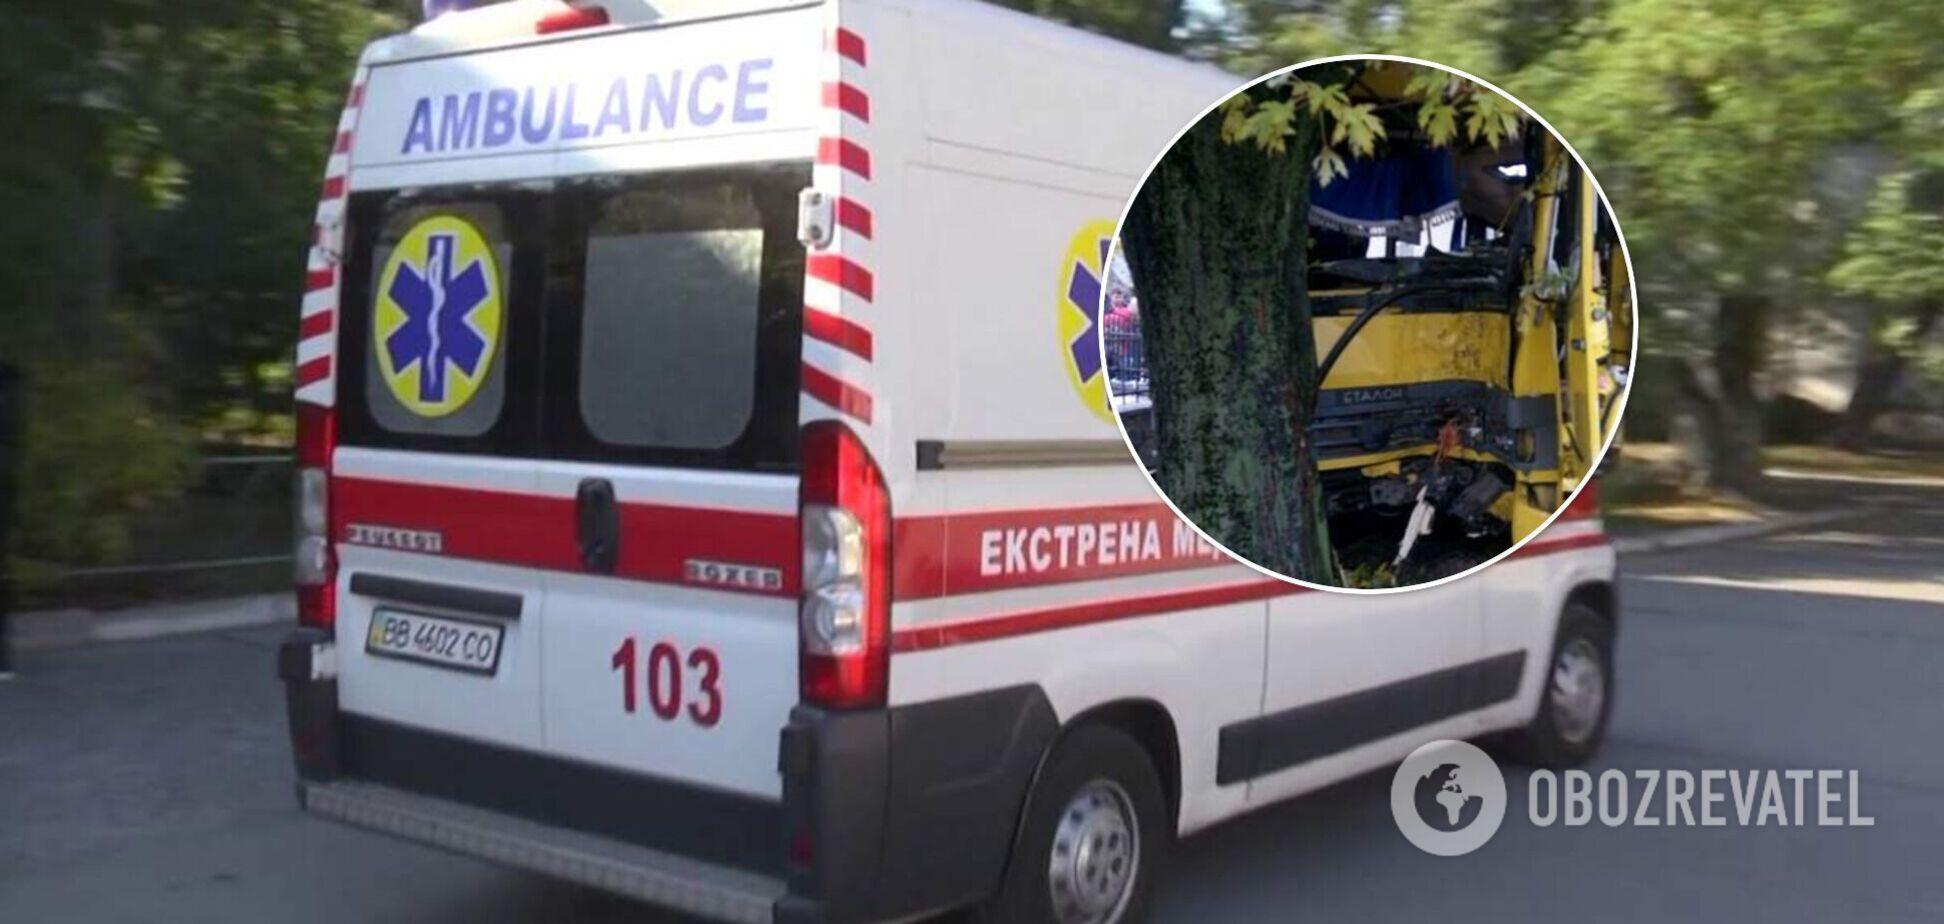 У Львові маршрутка з пасажирами врізалася в дерево: поранено 5 осіб